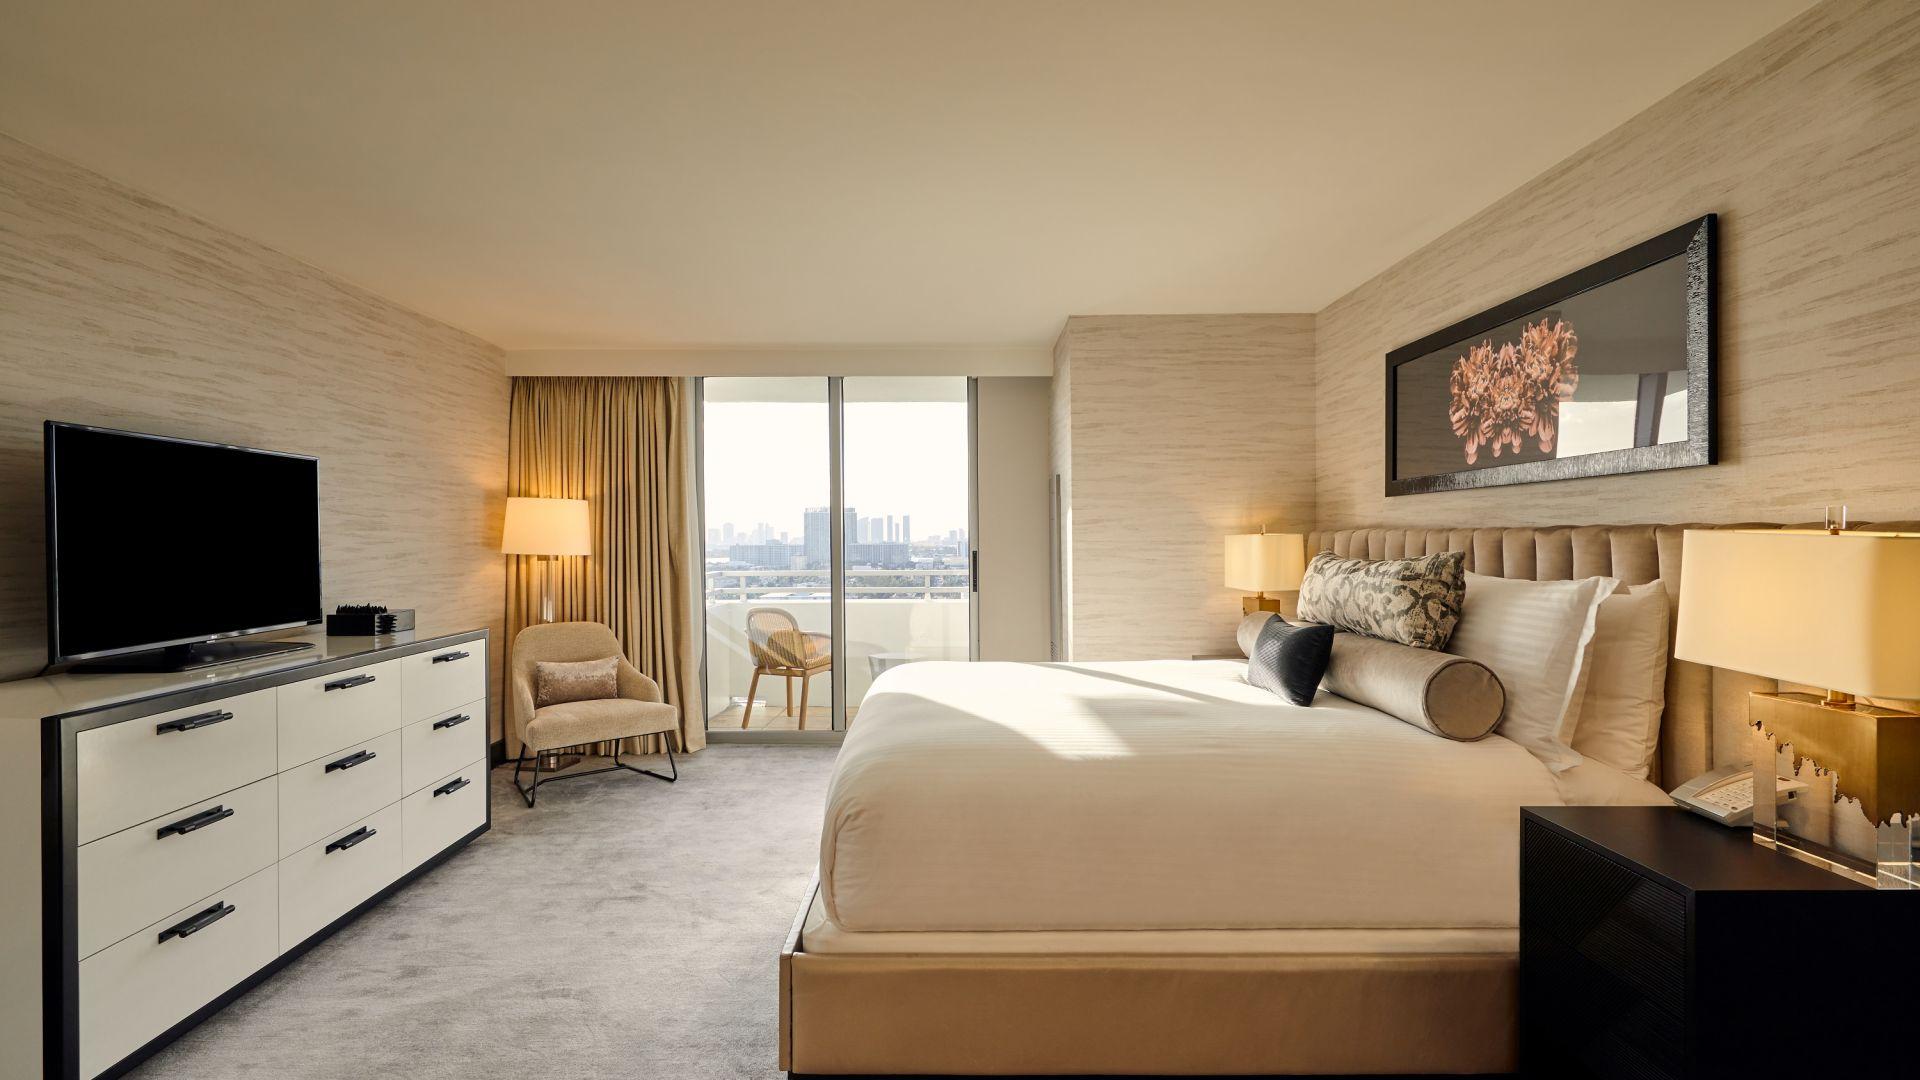 Ein Schlafzimmer mit einem großen Bett in einem Raum